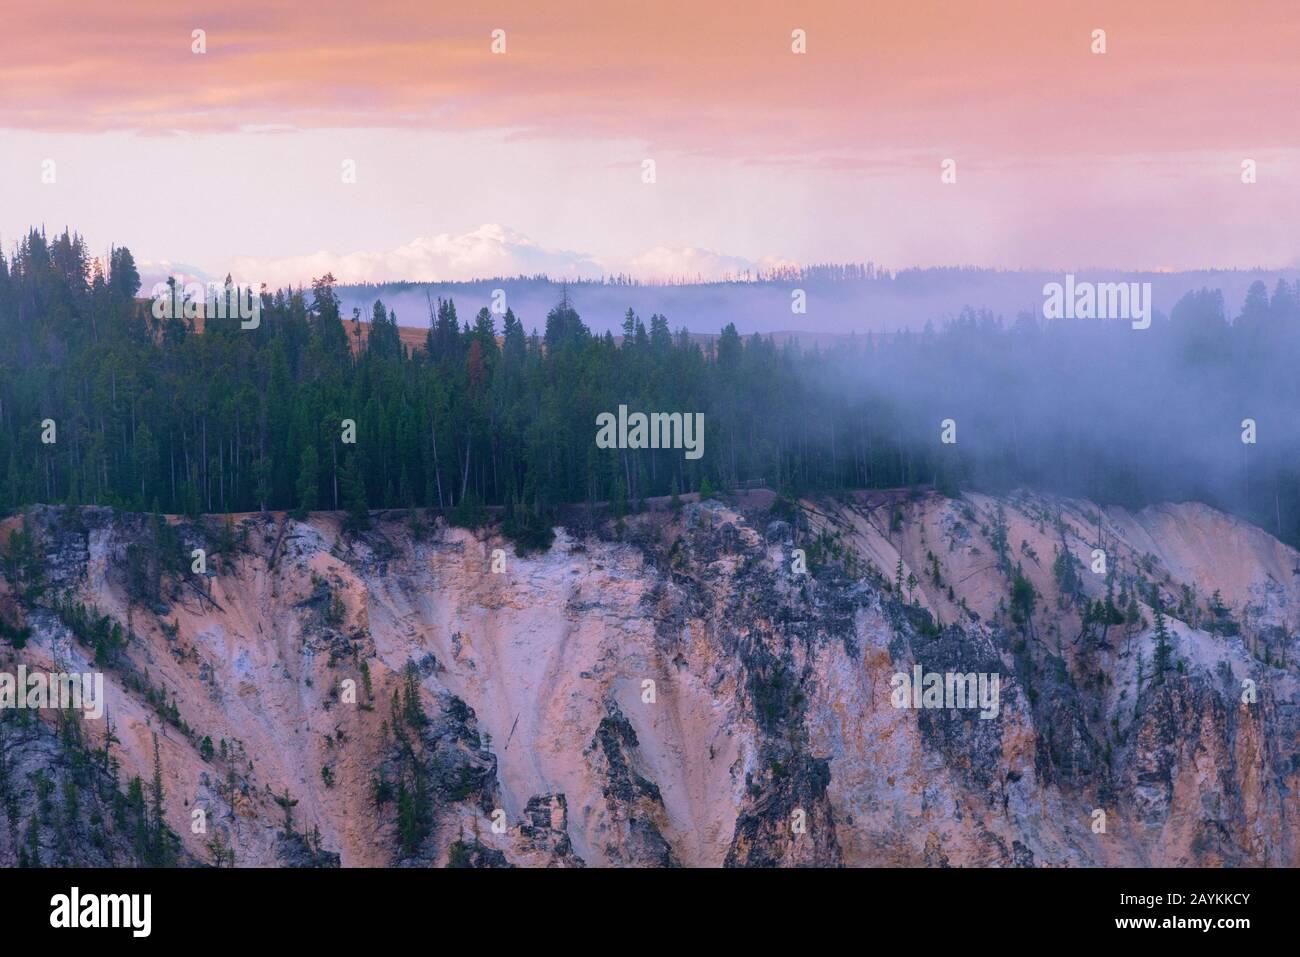 Puesta de sol sobre bosque brumoso en el cielo de montaña bajo el cielo naranja pastel. Foto de stock